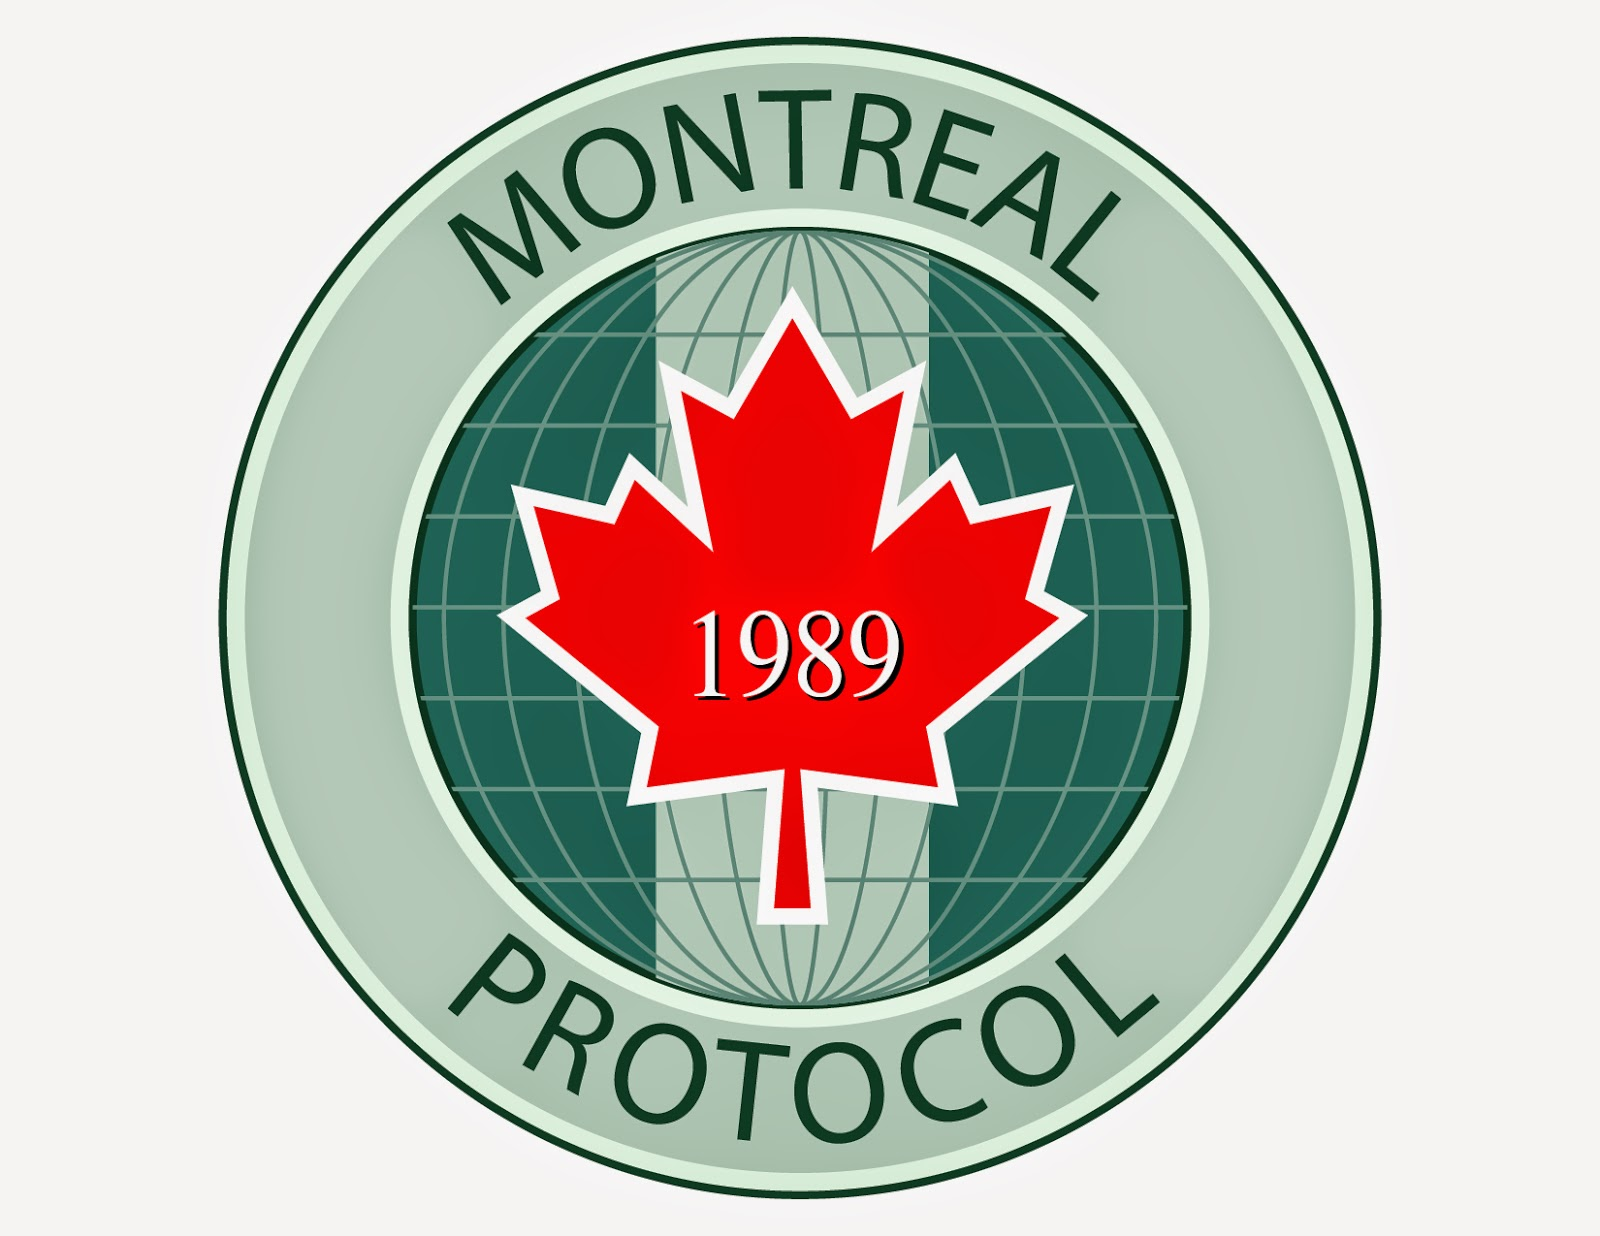 Montreal-protocol